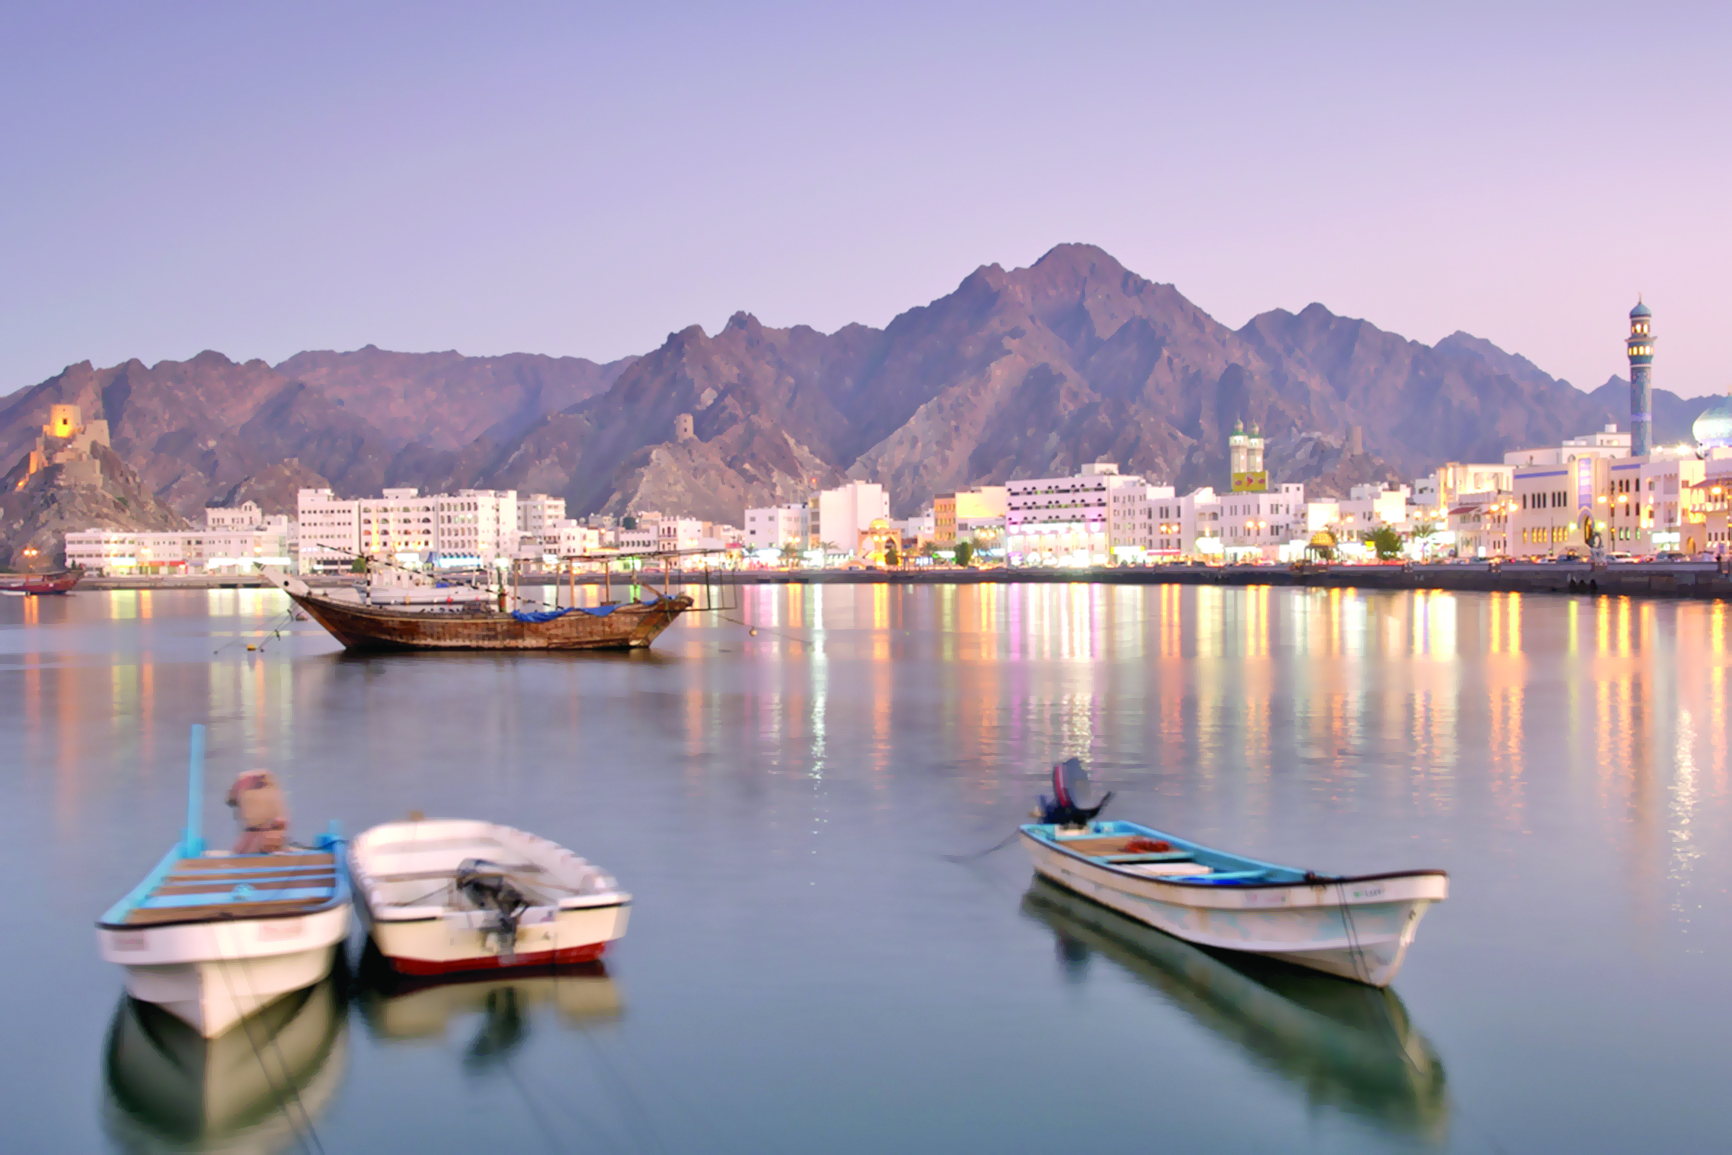 ثلثا الإنفاق السياحي في السلطنة ينحصر بالإقامة وتذاكر السفر